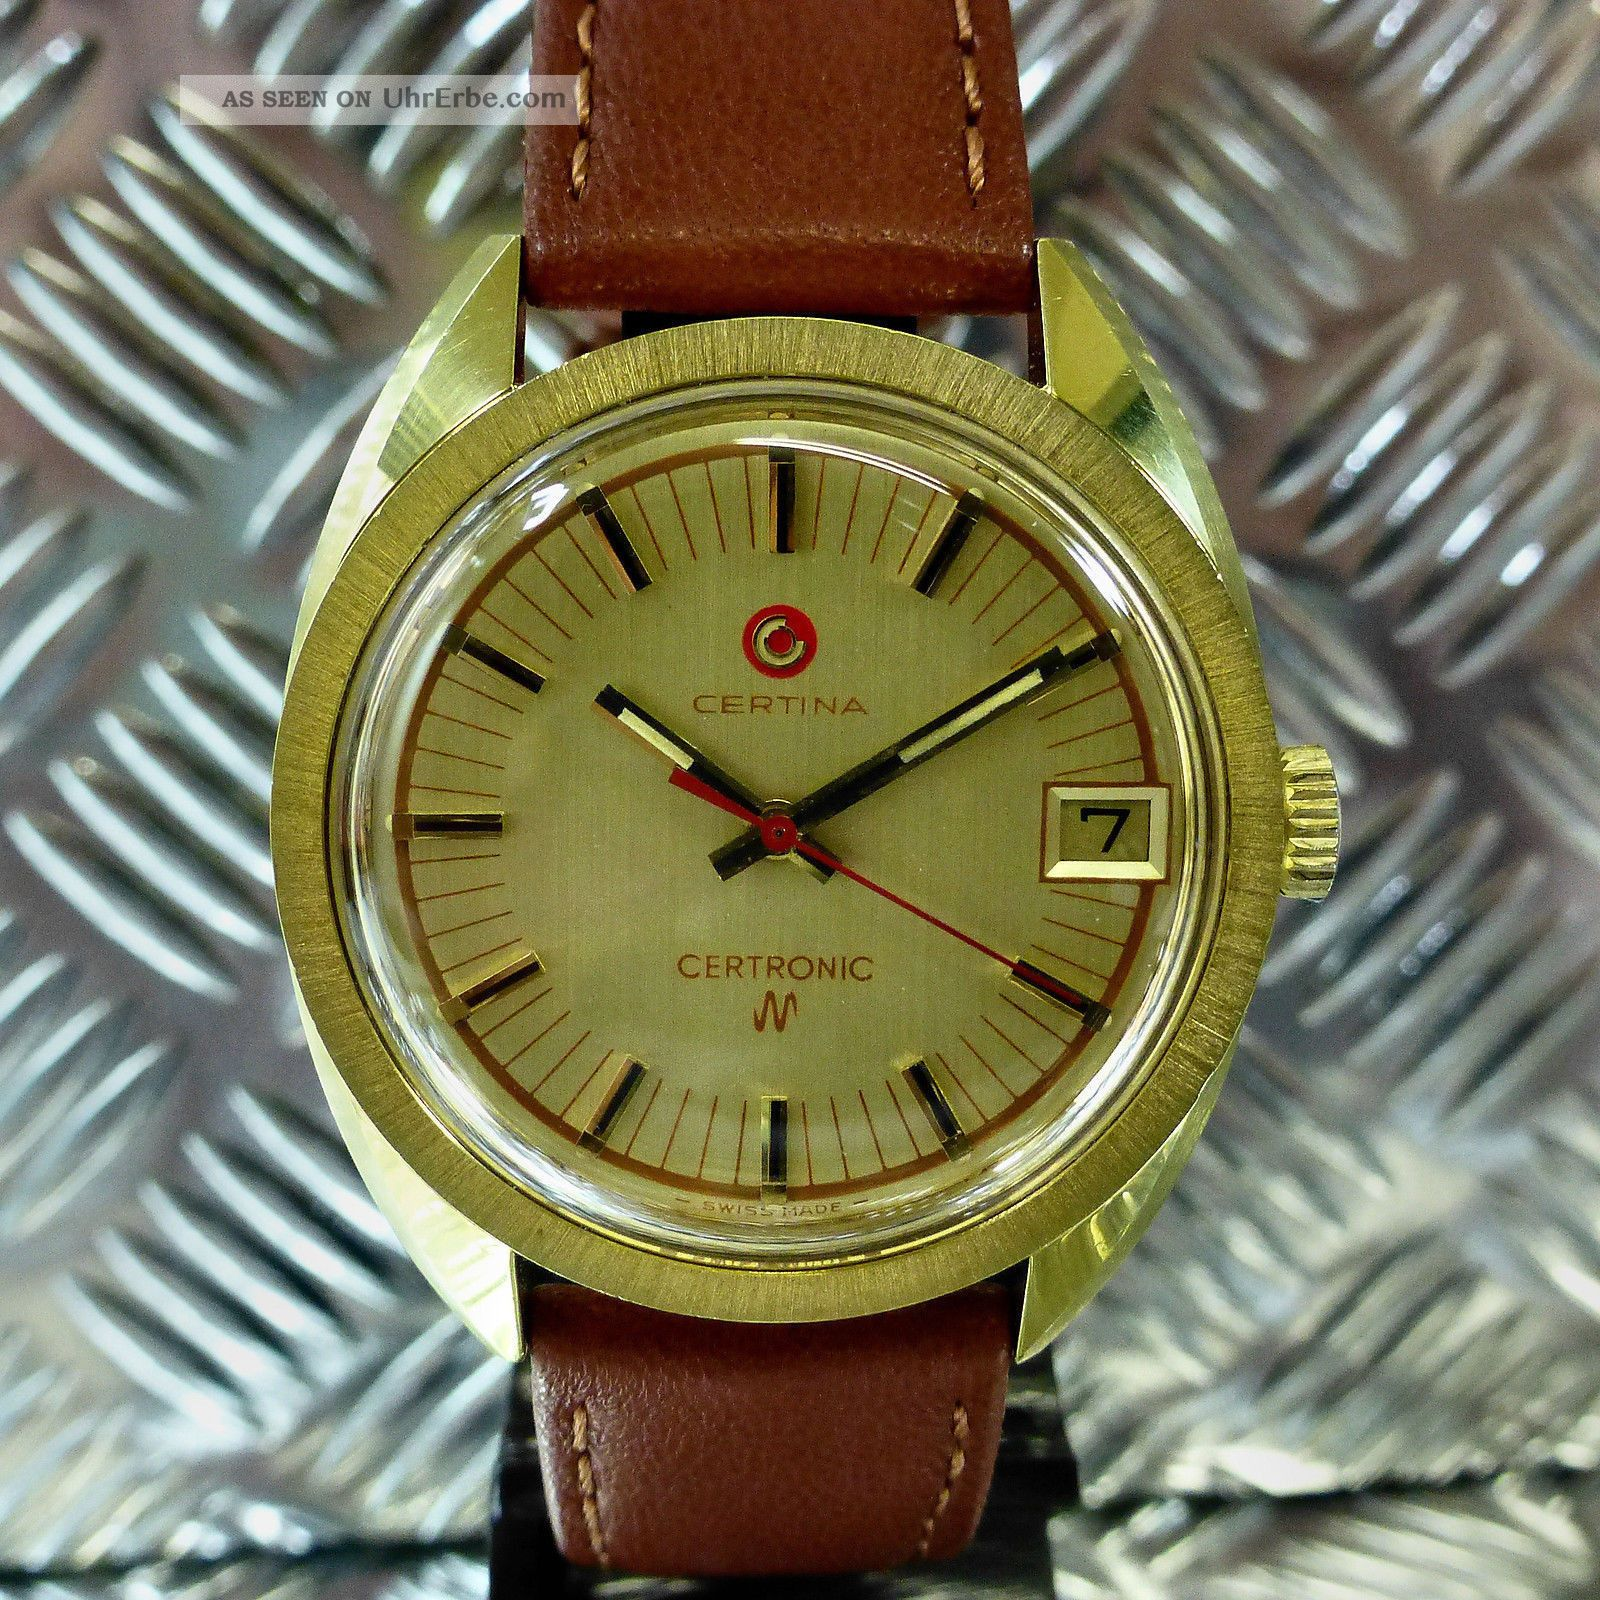 LÄssig Alte 70èr Jahre Certina Stimmgabel 20 Mic Vergoldet Armbanduhr Herrenuhr Armbanduhren Bild